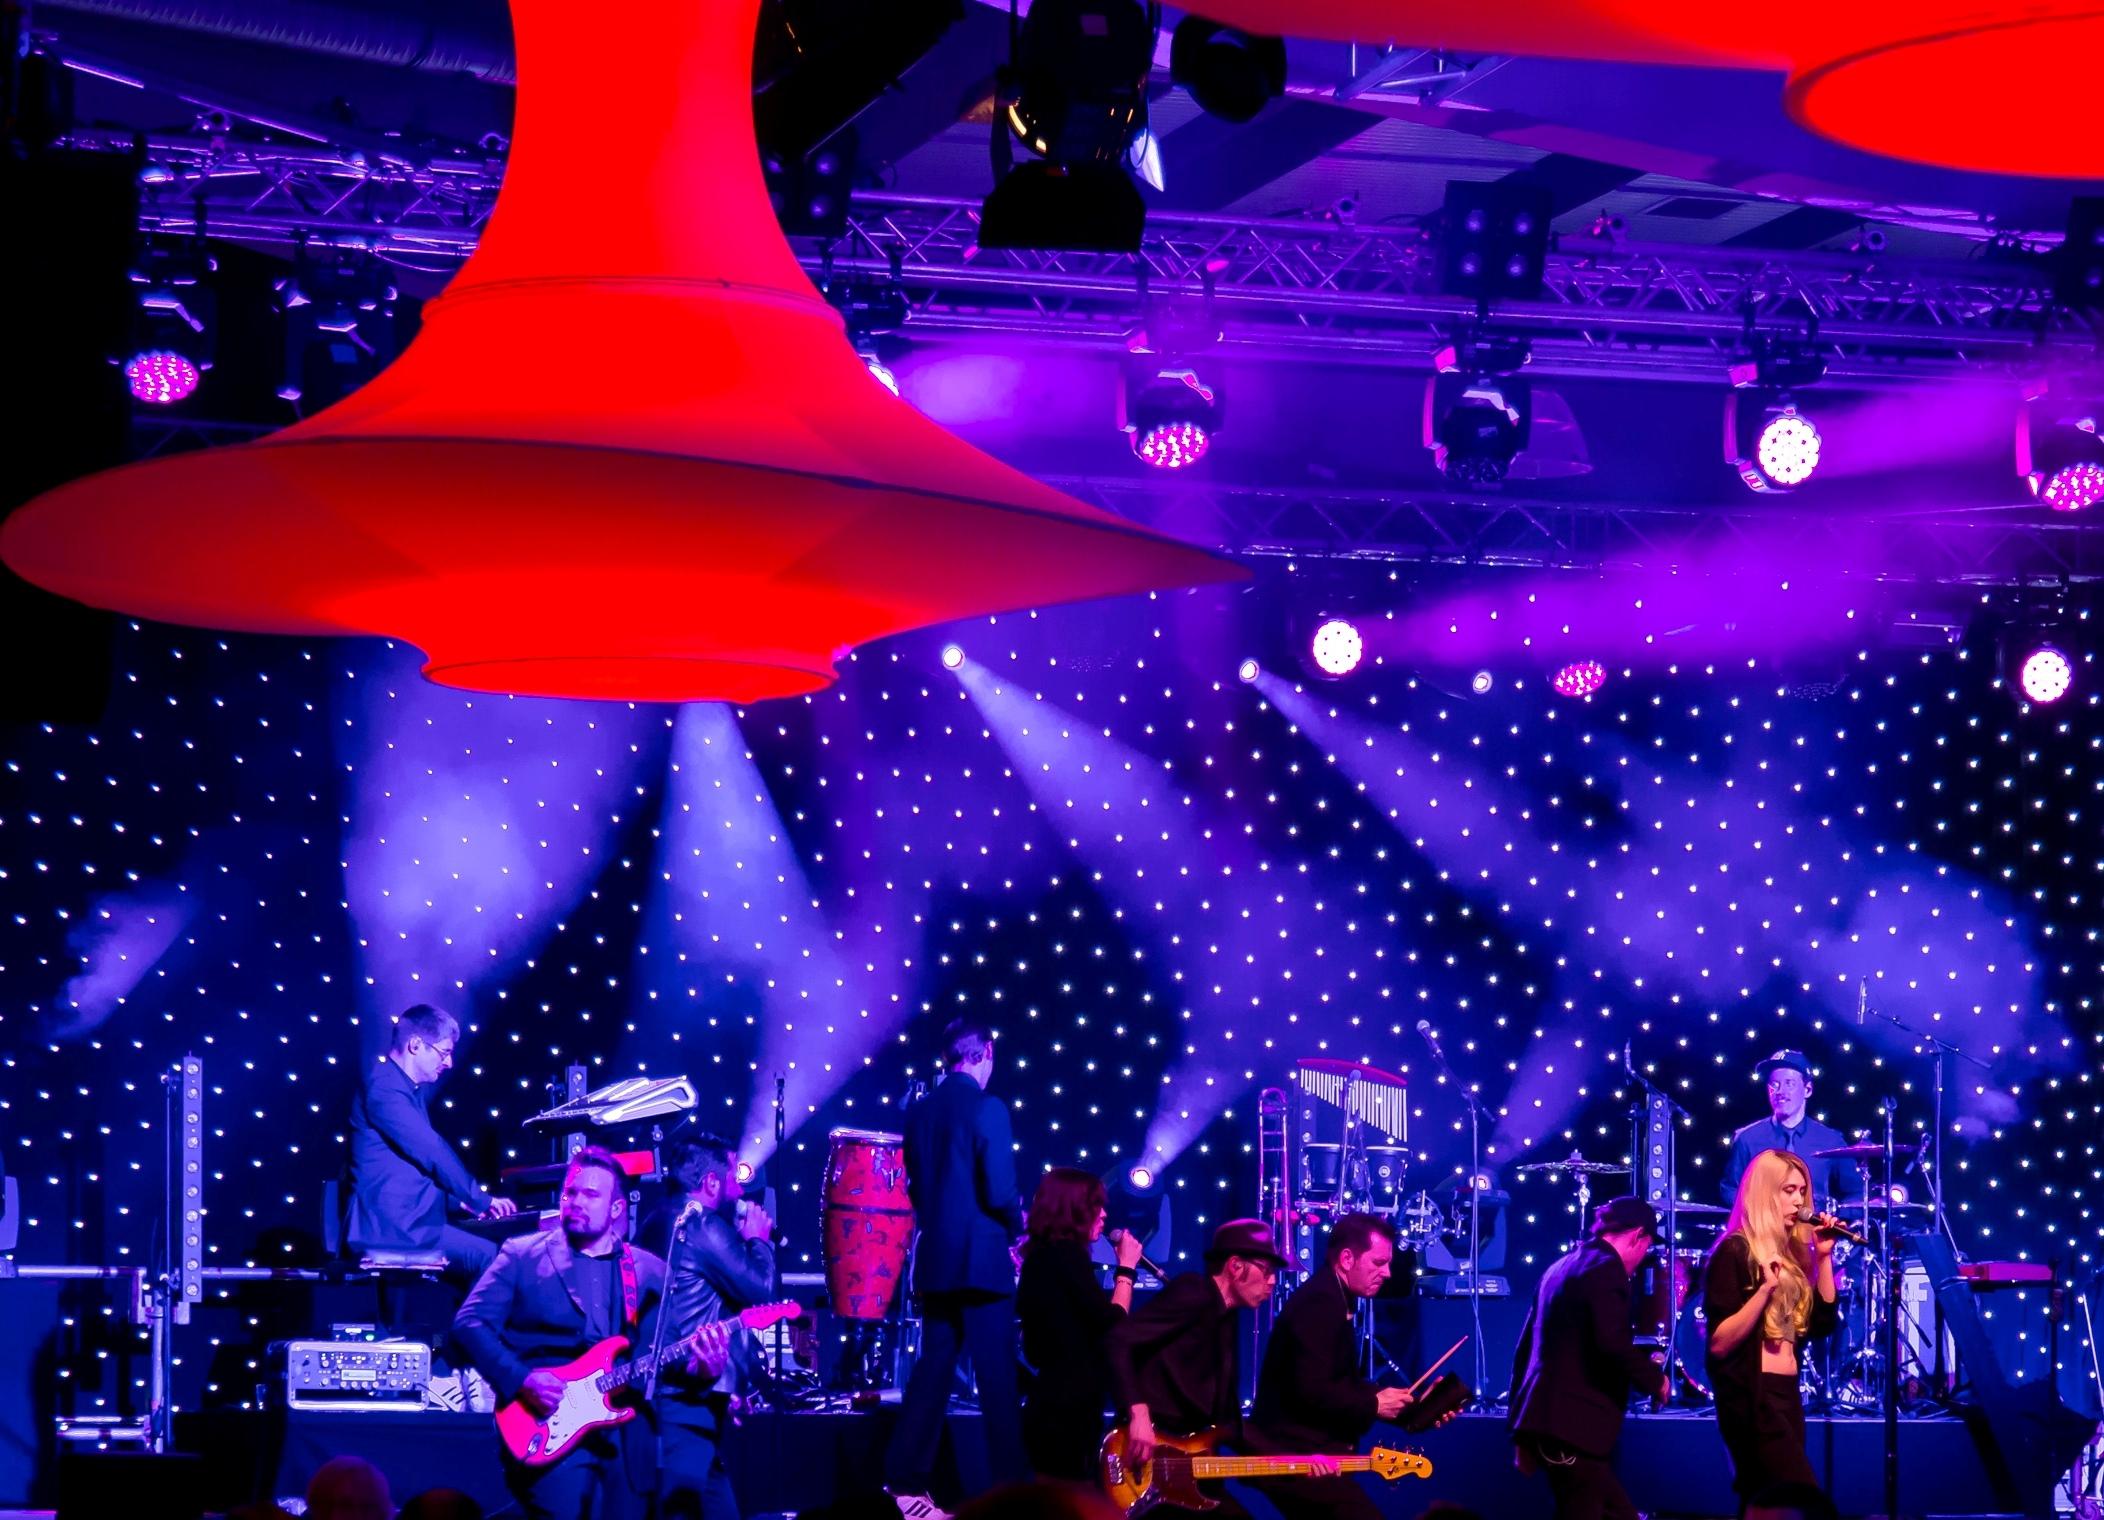 LED Bühnenbackdrop mit Flashanimationen